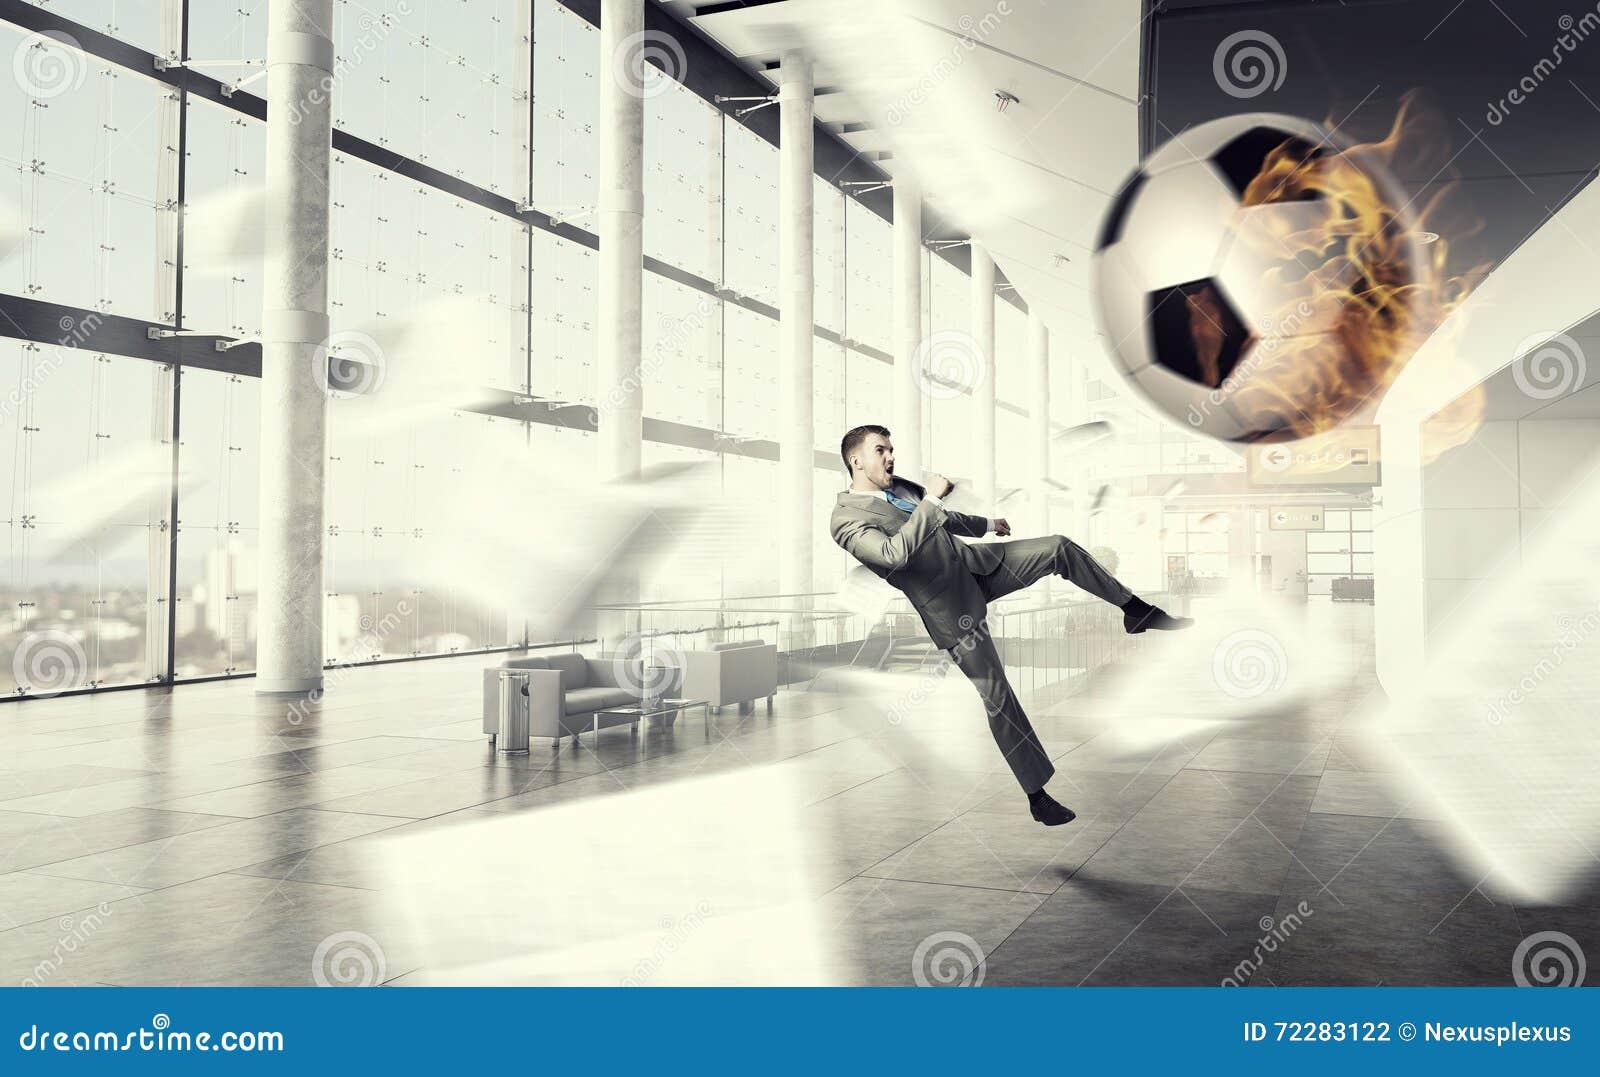 Download Играть шарик в офисе стоковое фото. изображение насчитывающей галстук - 72283122